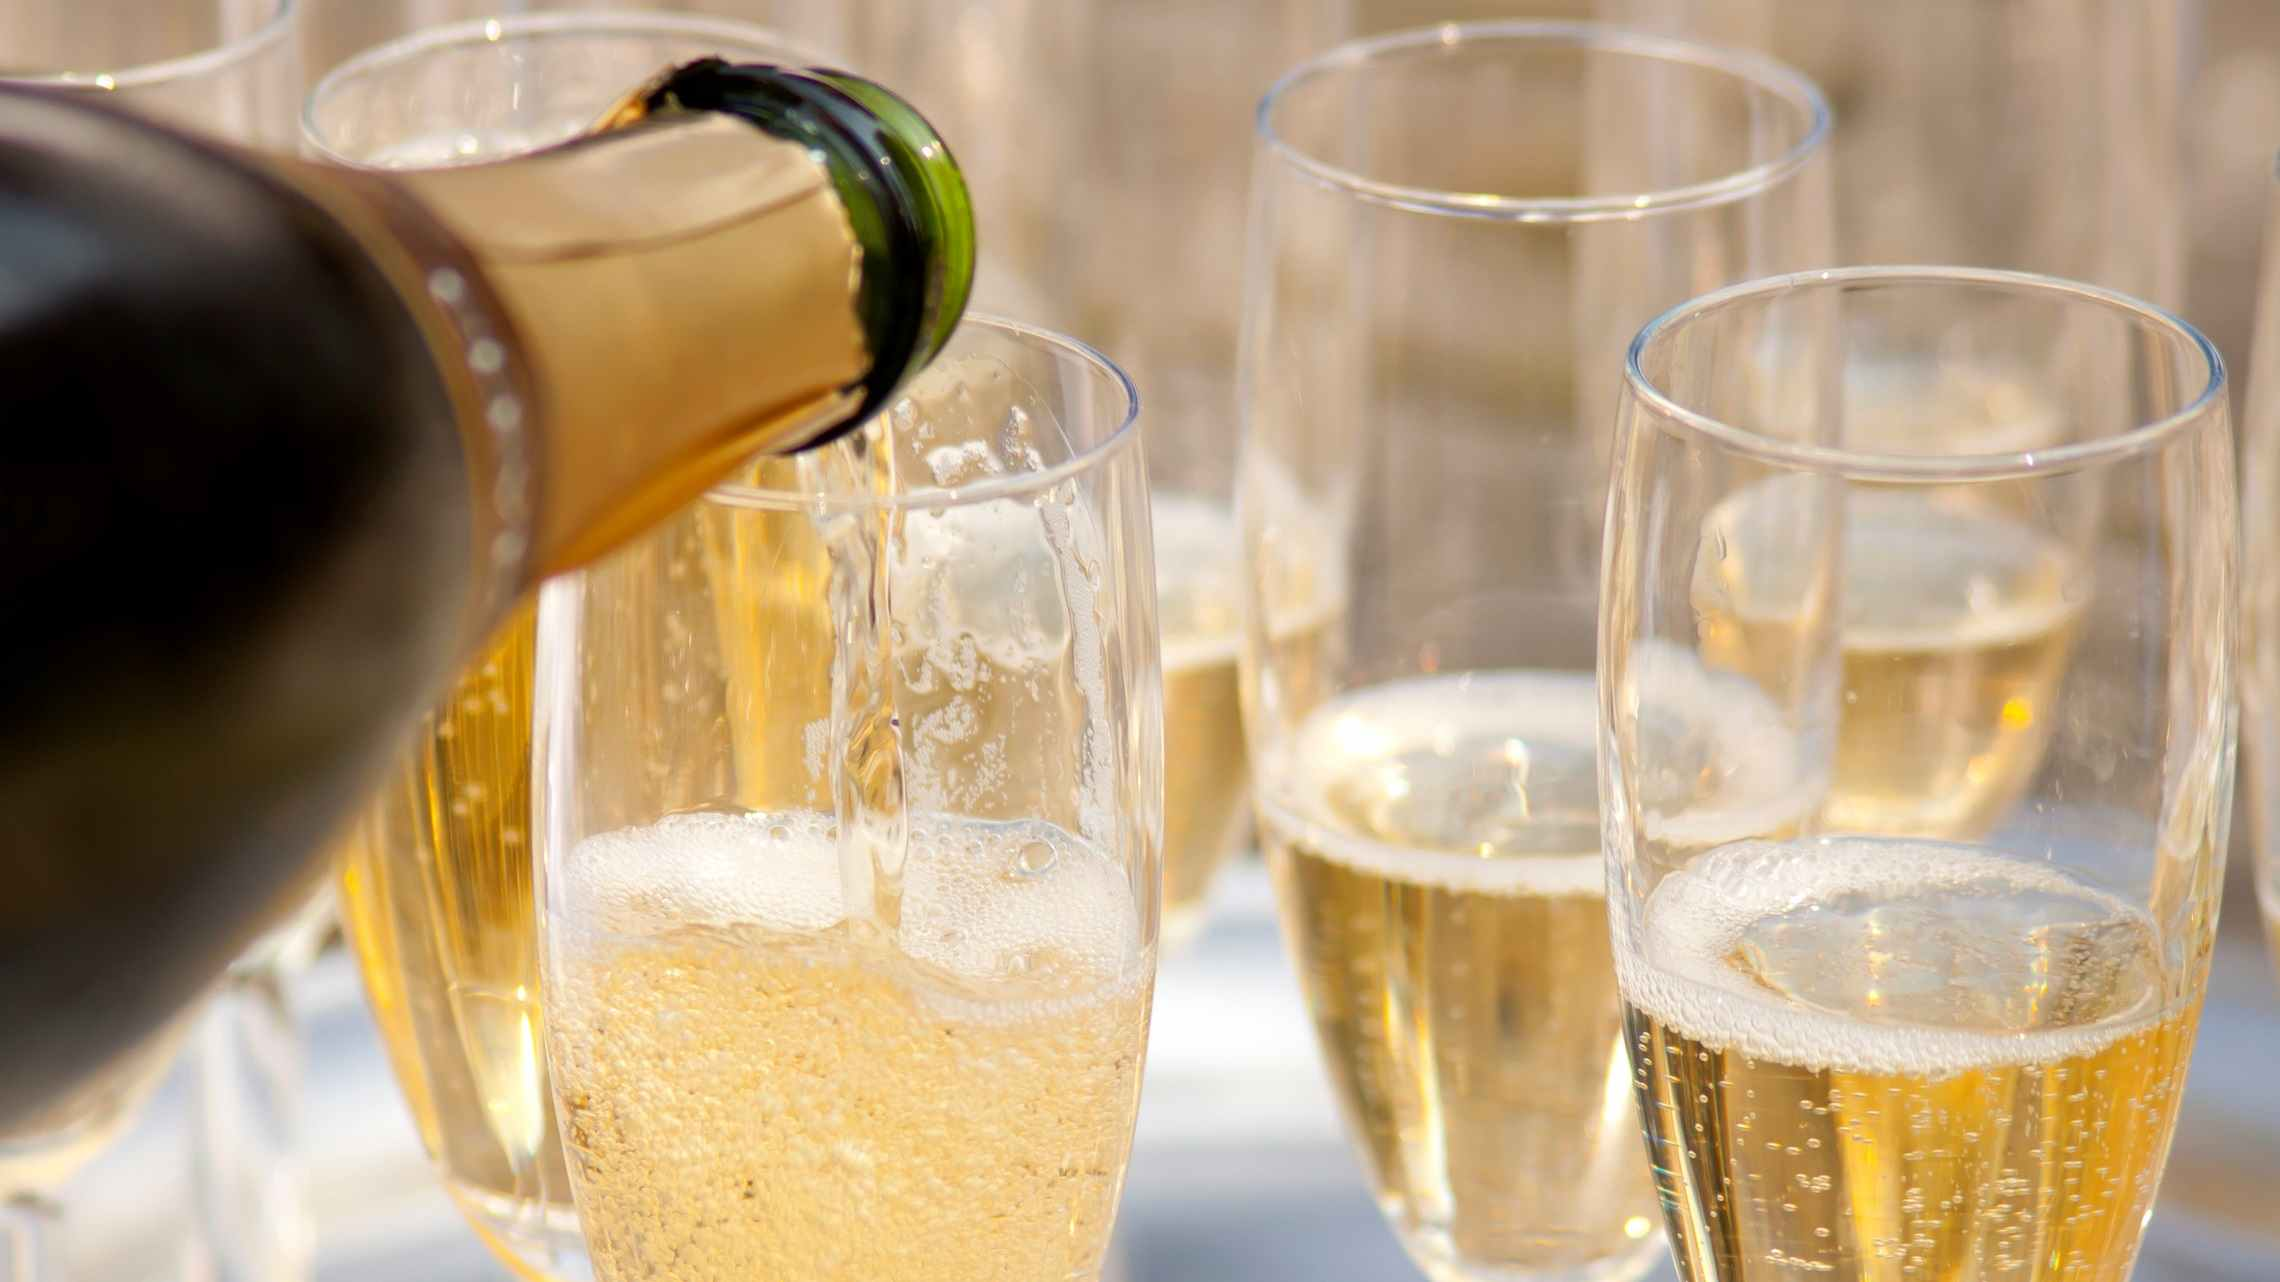 Champagne-lasien-täyttöä-bargeristeily-ruoka-ja-juoma-1920x1080.jpg